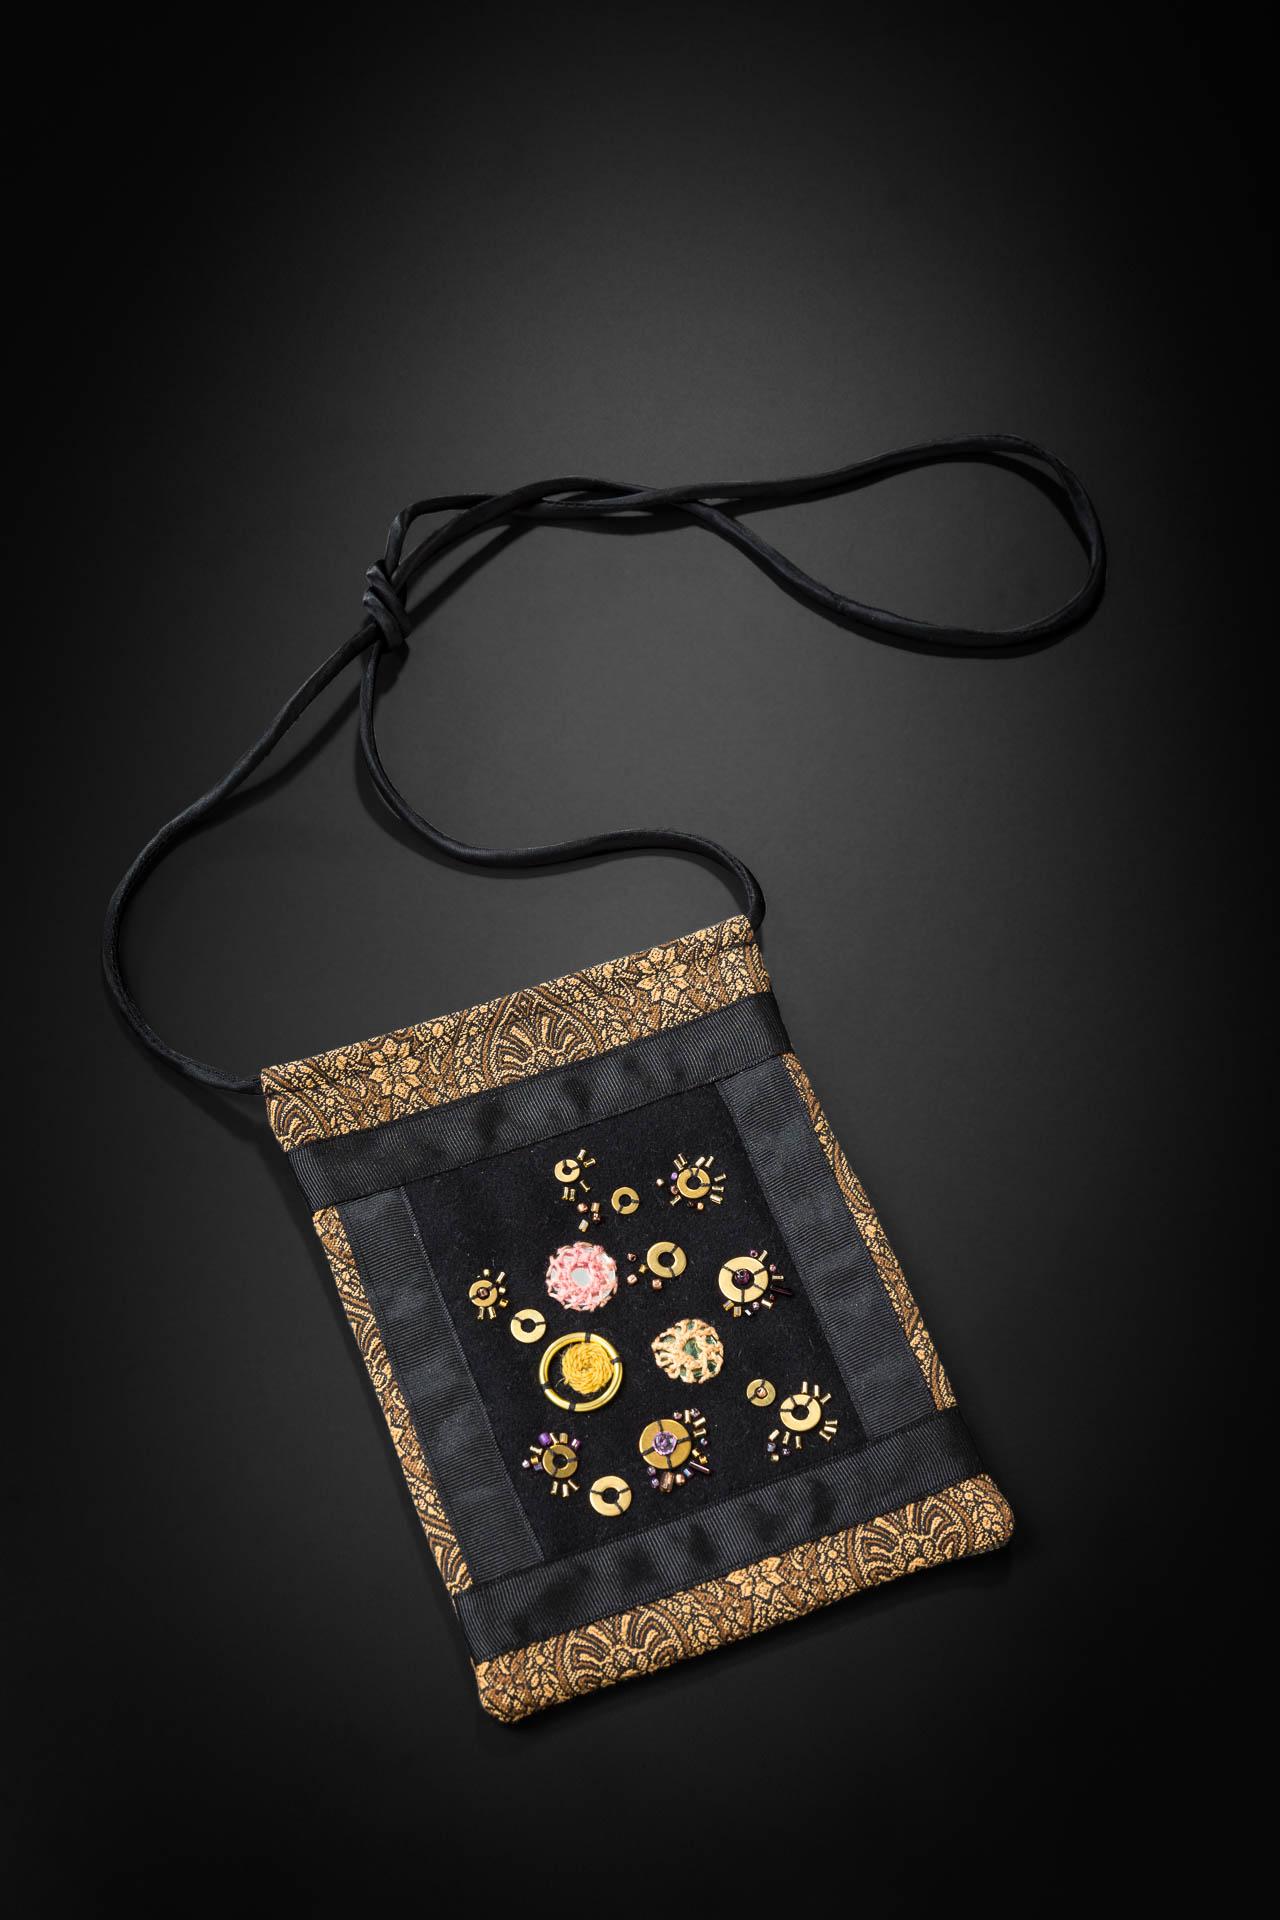 black & gold purse 'Gloria Shelton #3'.jpg